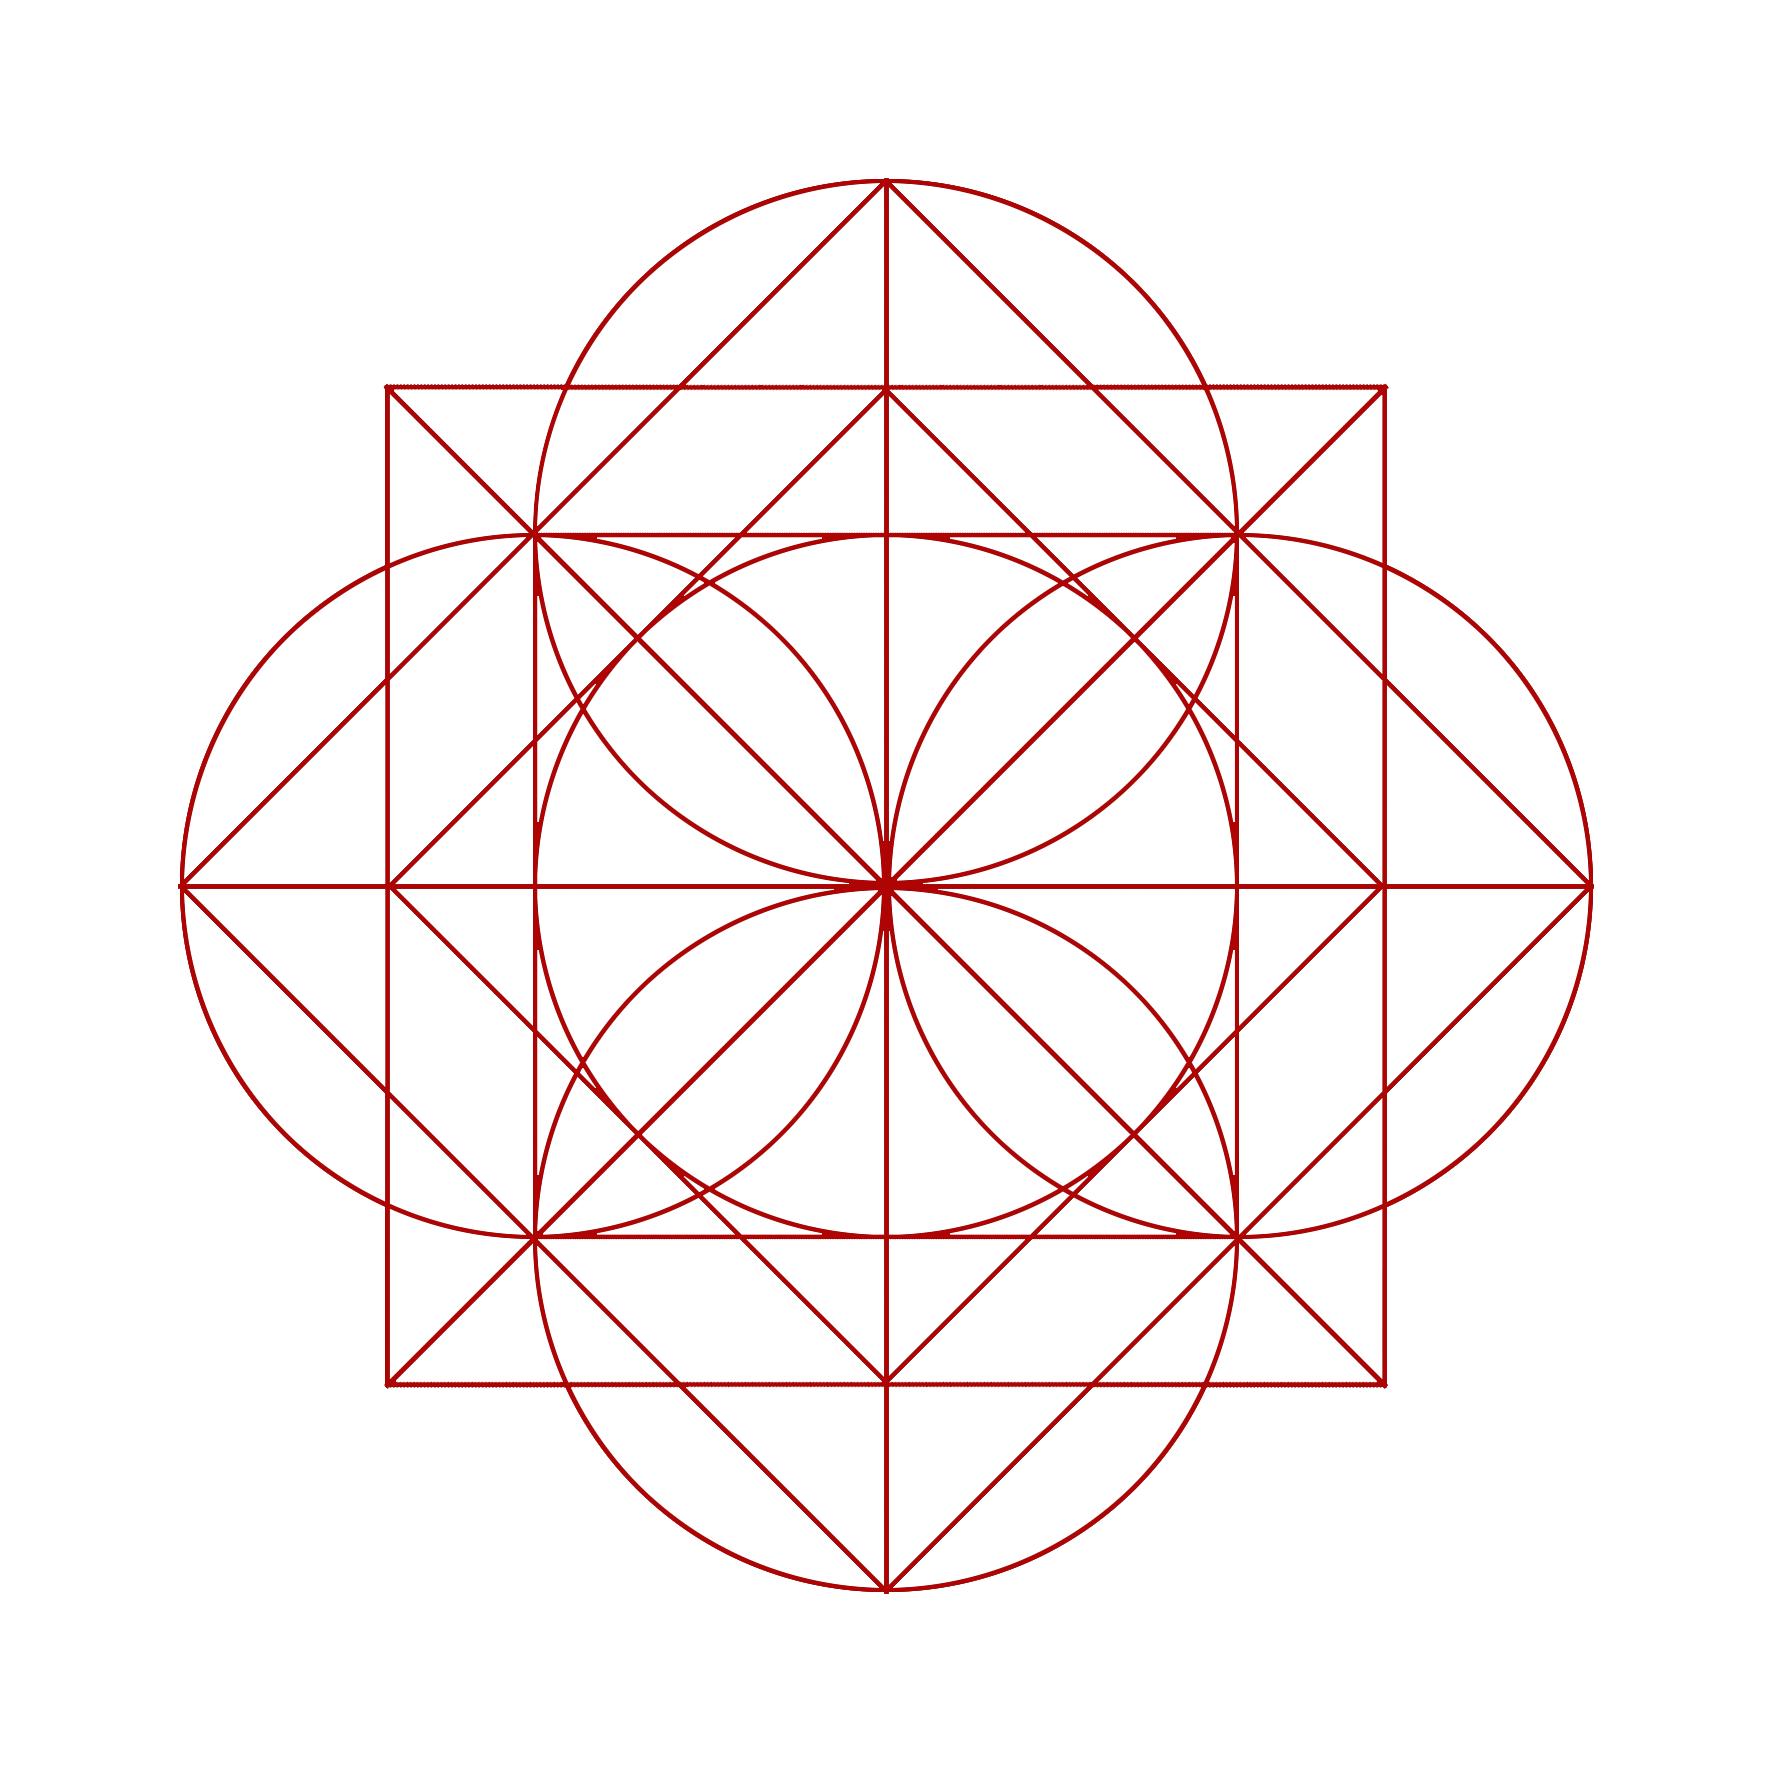 quadrilobe